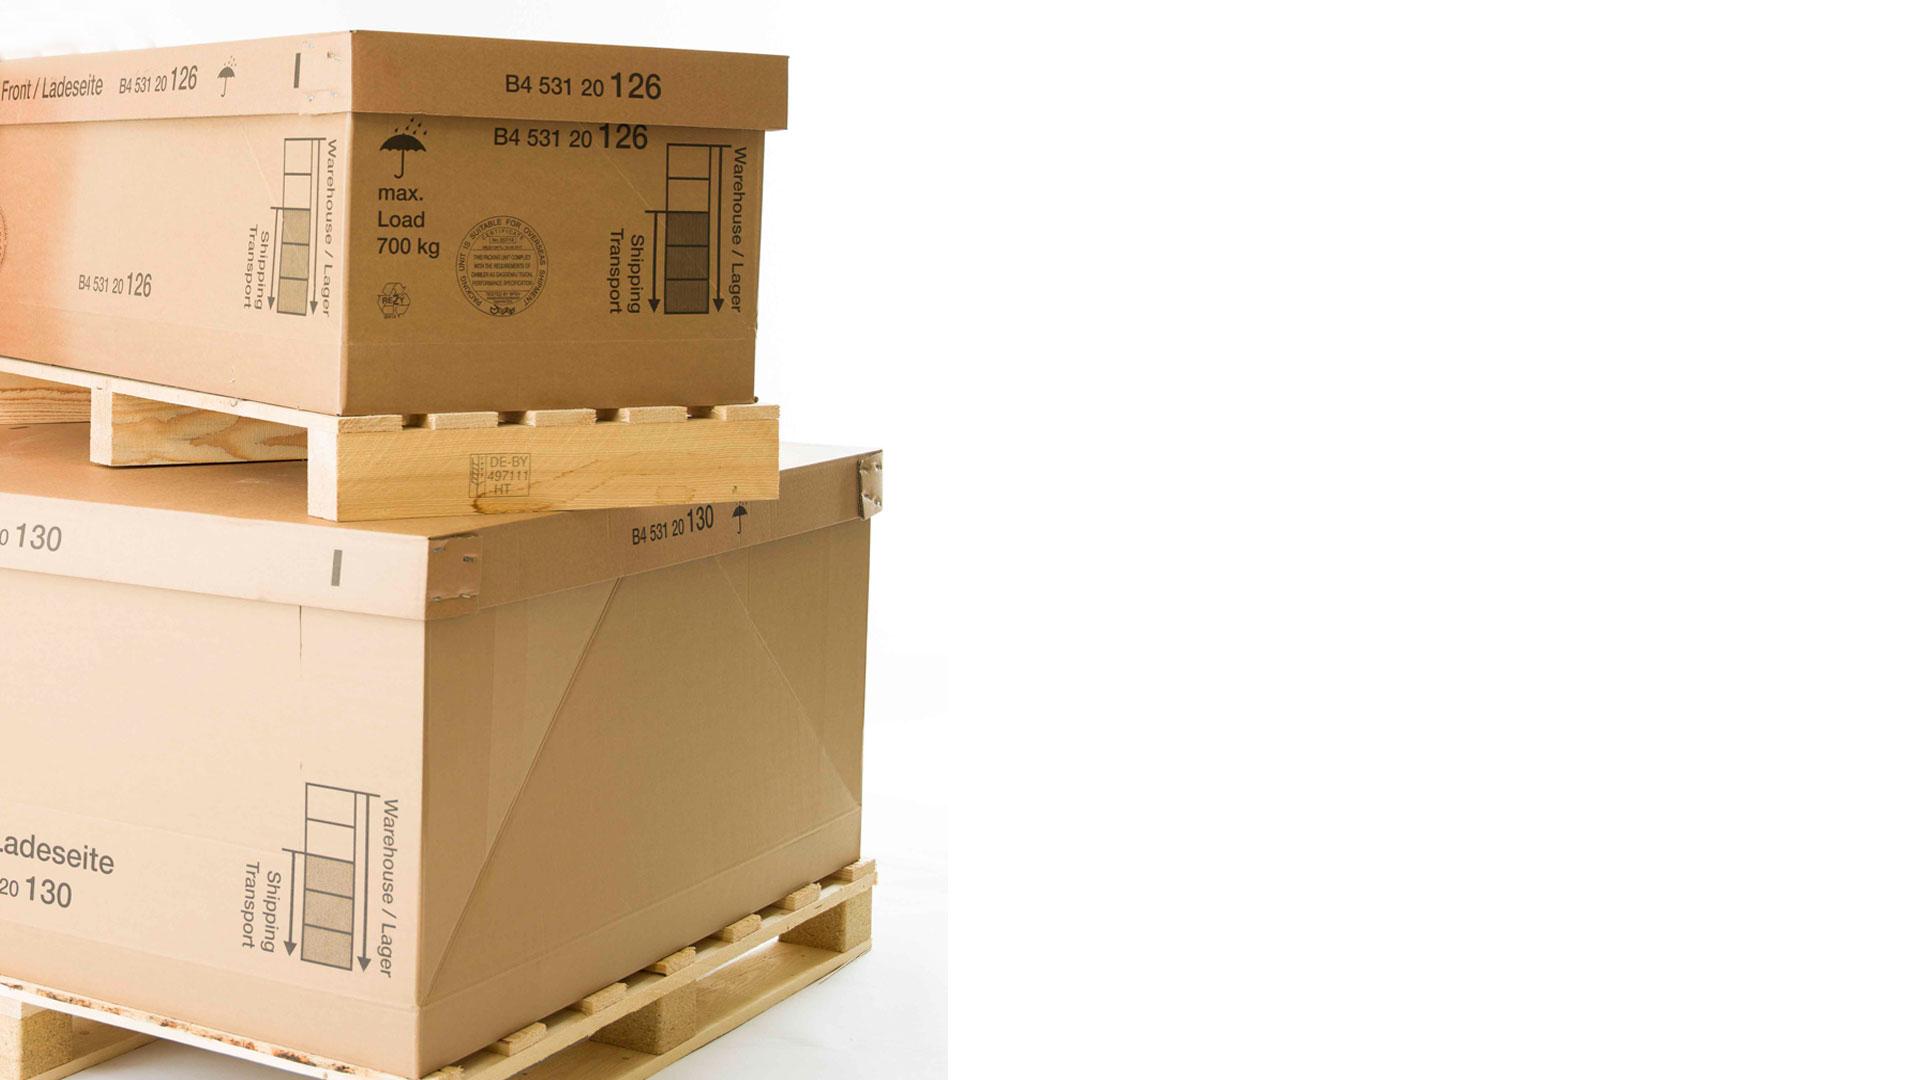 Darstellung einer Tricor Kit-Verpackung - Weißer Hintergrund